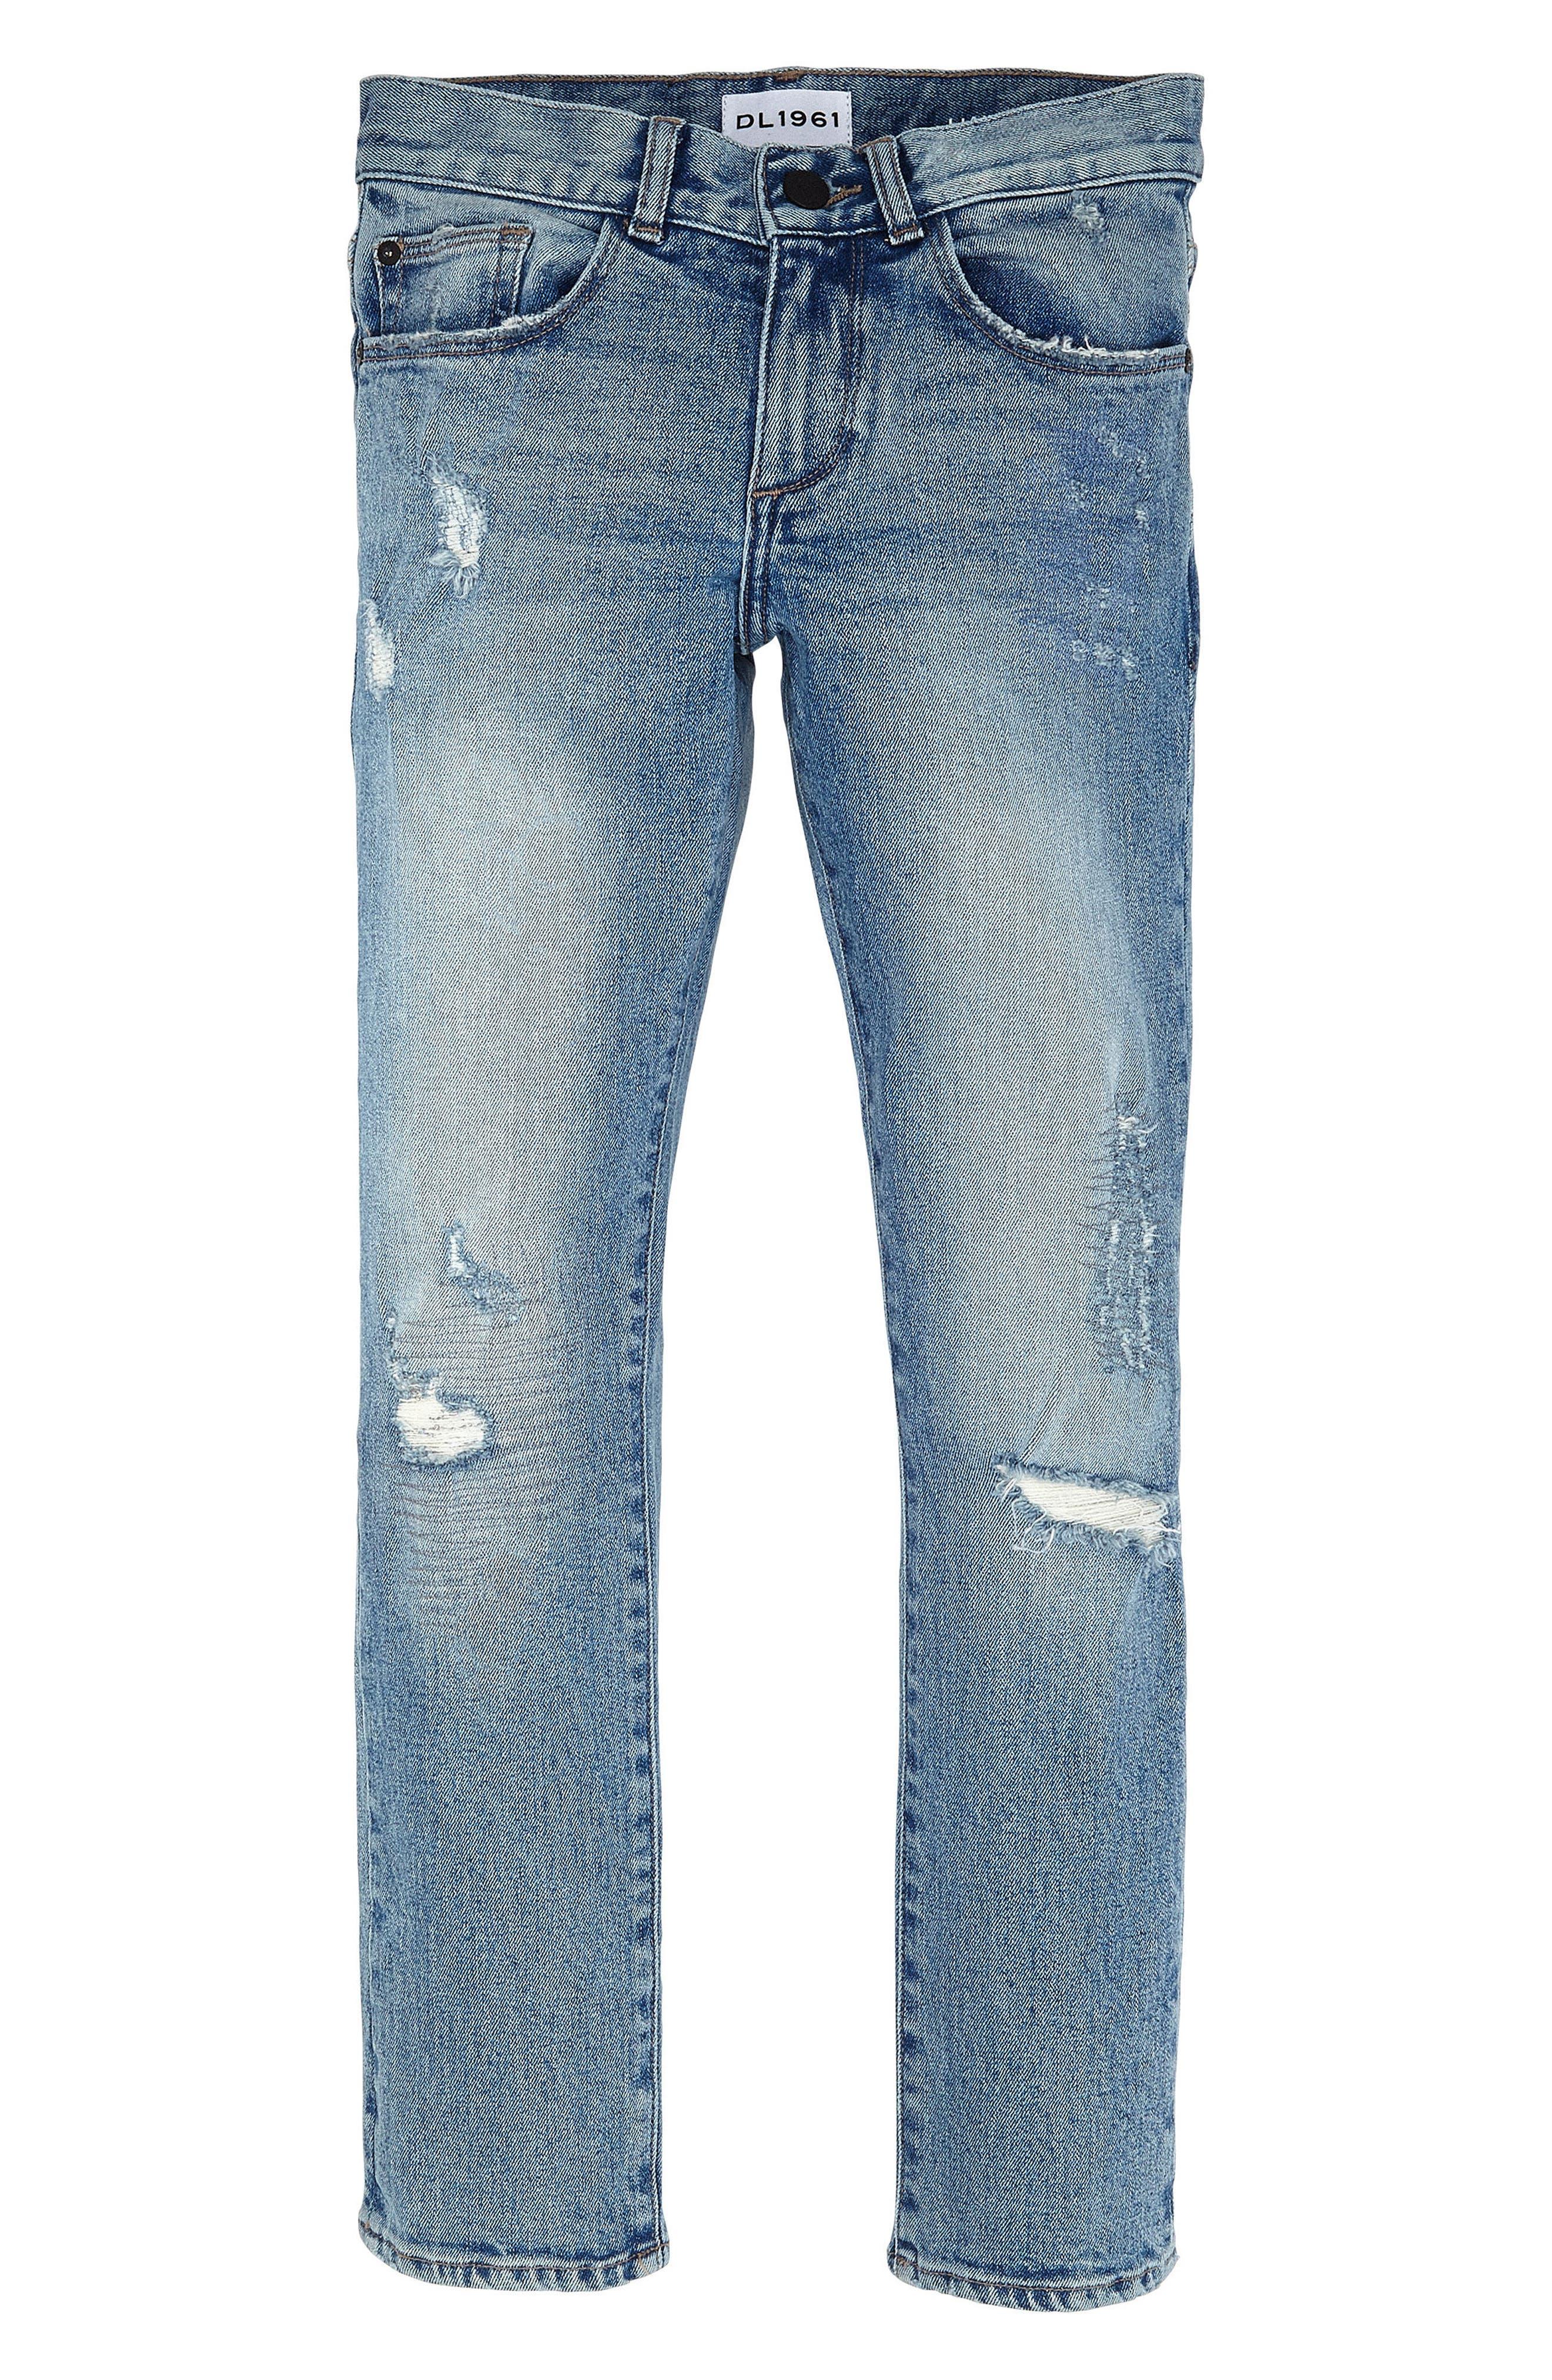 Hawke Skinny Fit Rip and Repair Jeans,                         Main,                         color, Rebel